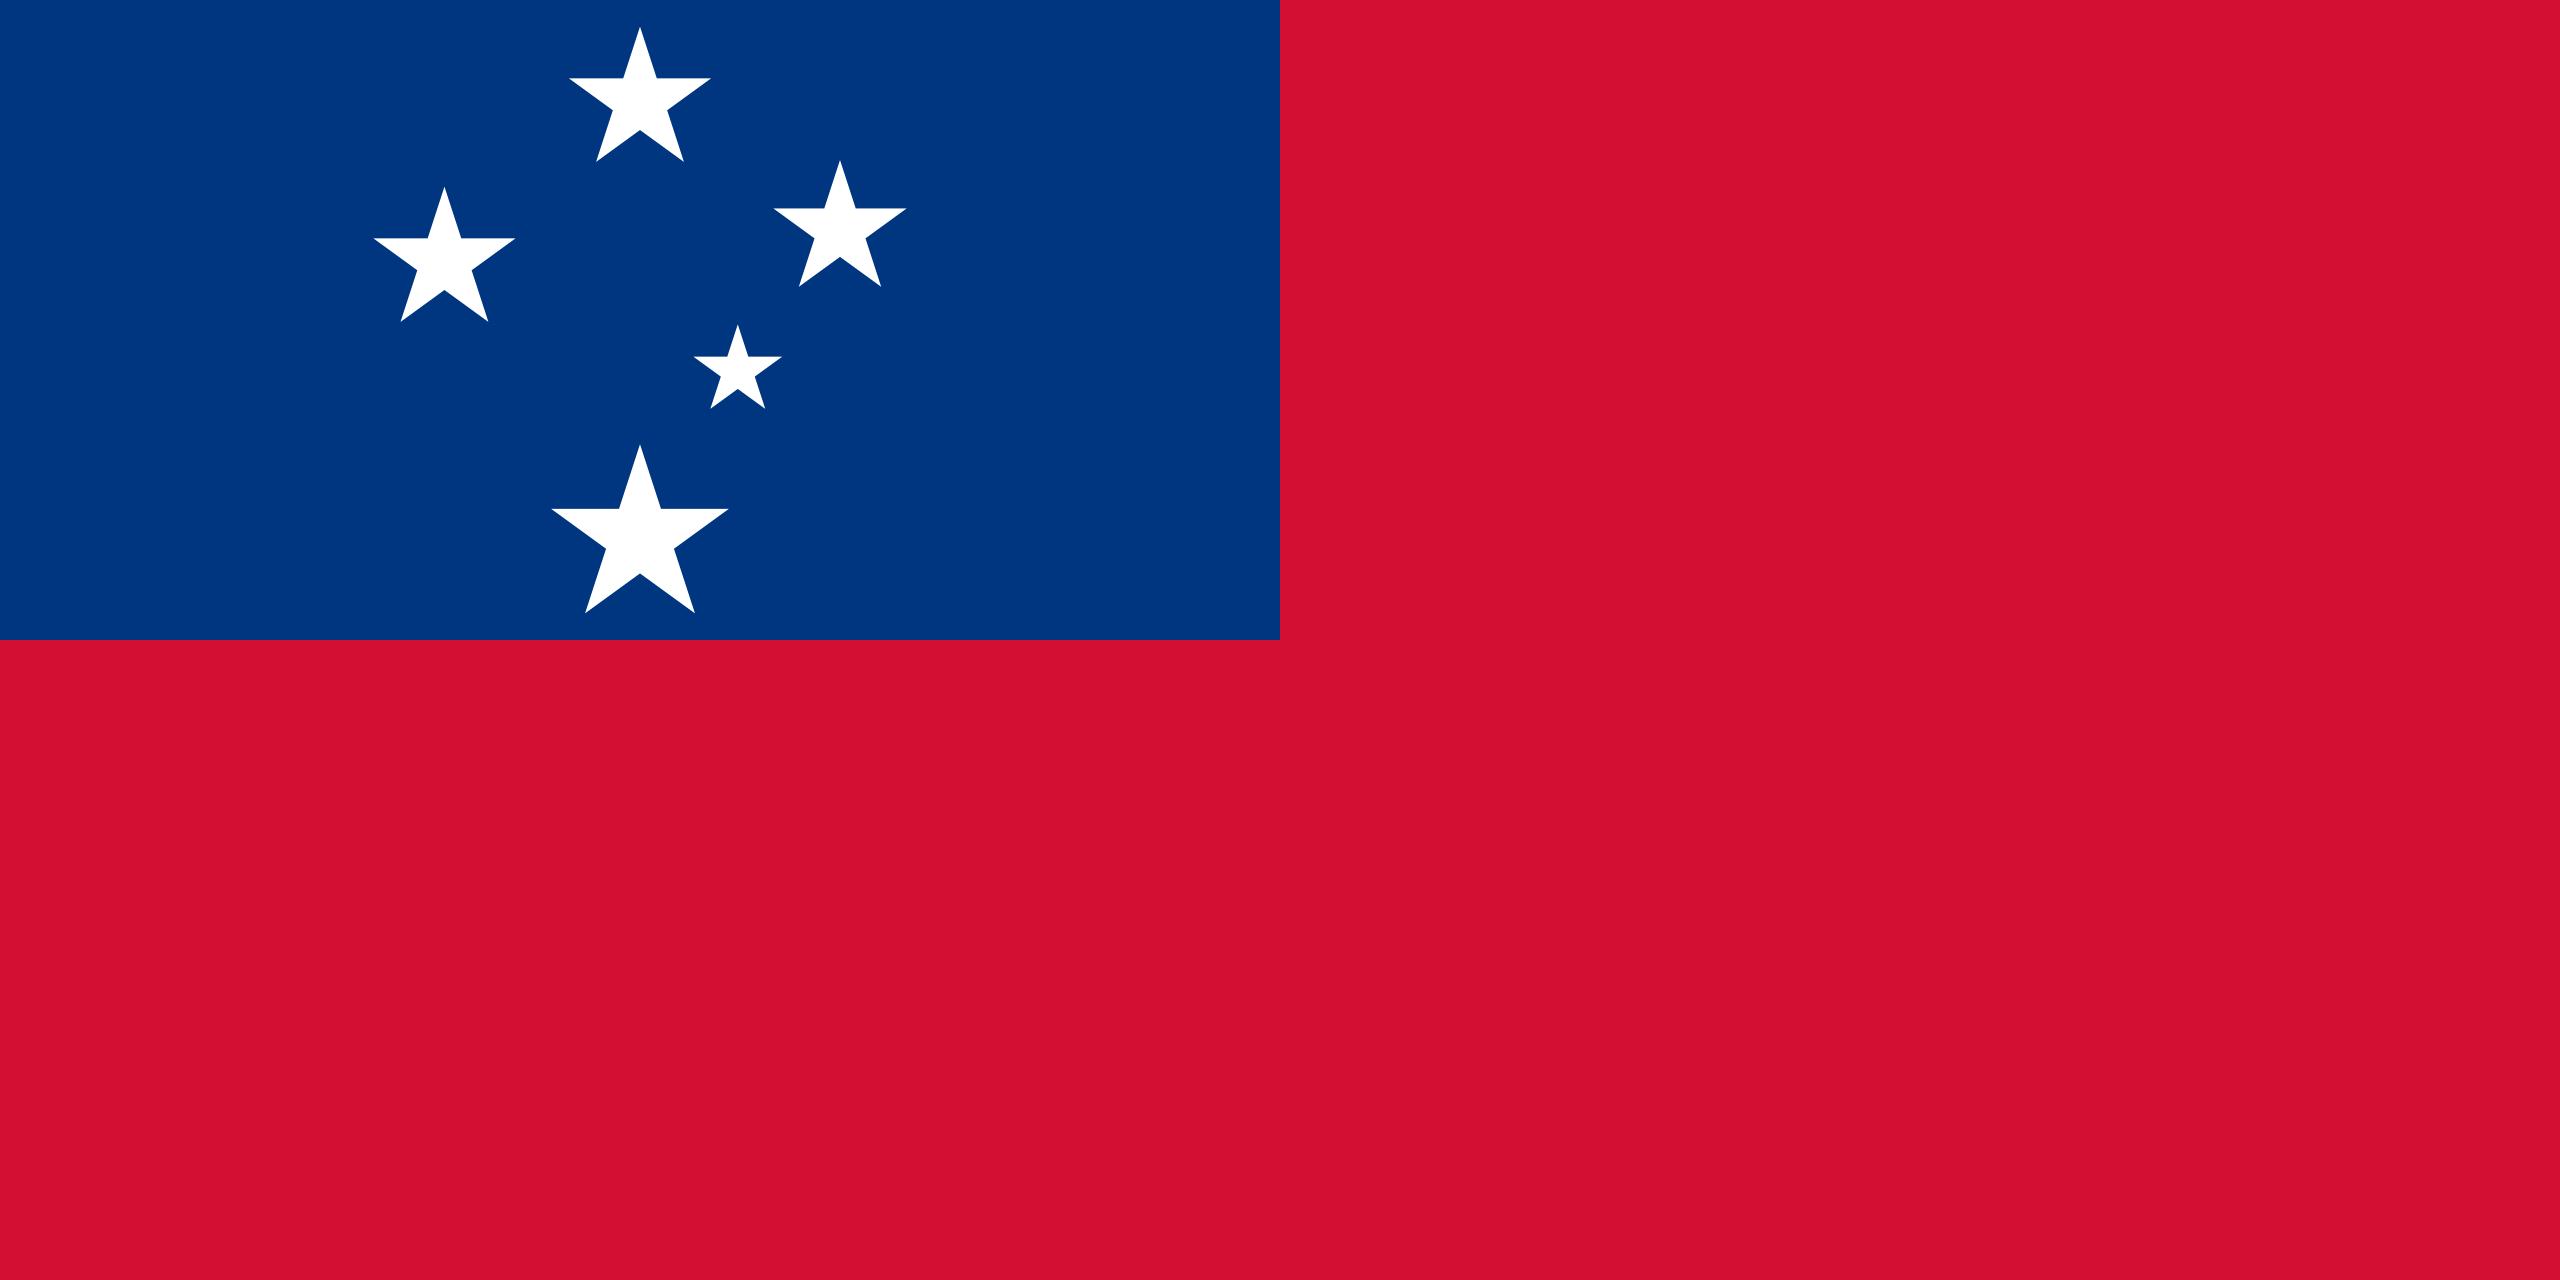 ساموا, البلد, emblema, شعار, الرمز - خلفيات عالية الدقة - أستاذ falken.com